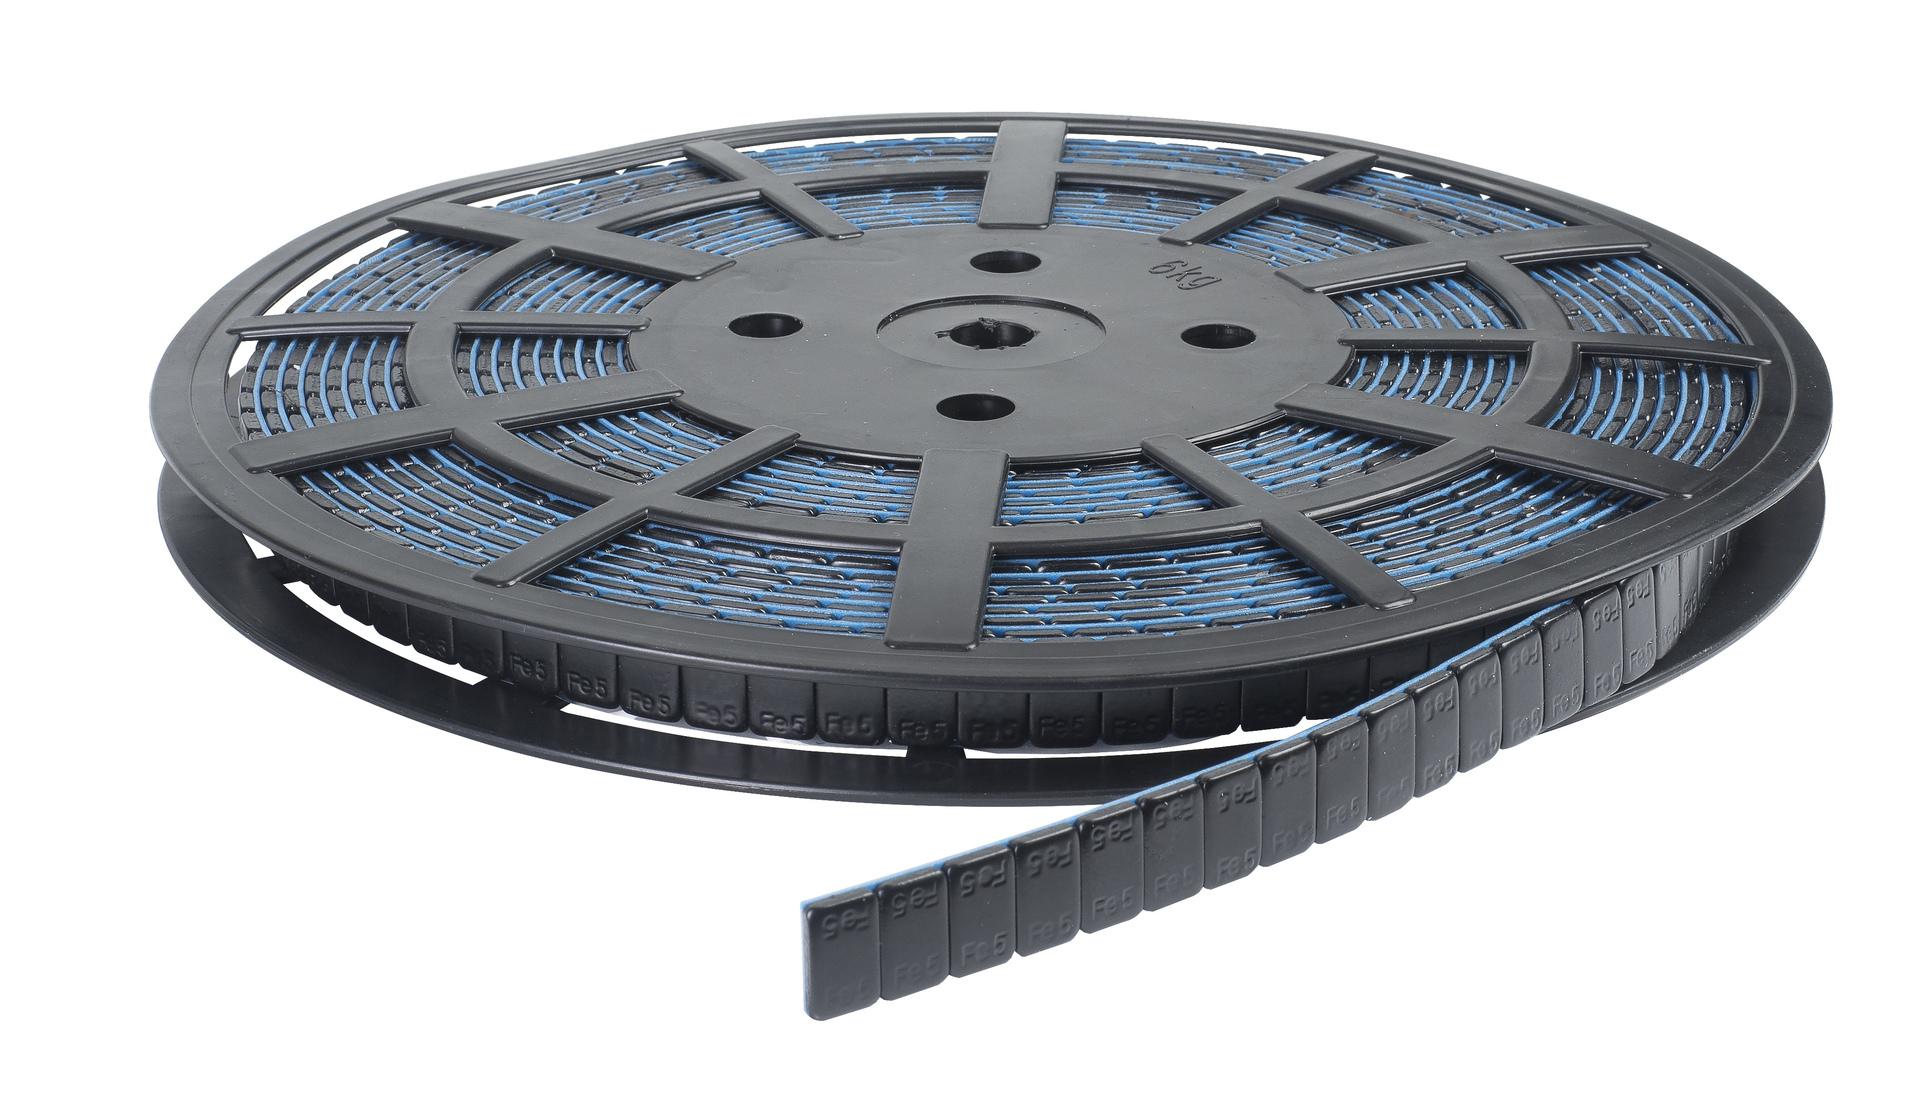 Závaží samolepicí černé, kotouč 1200 ks x 5 g, nezanechávající stopy